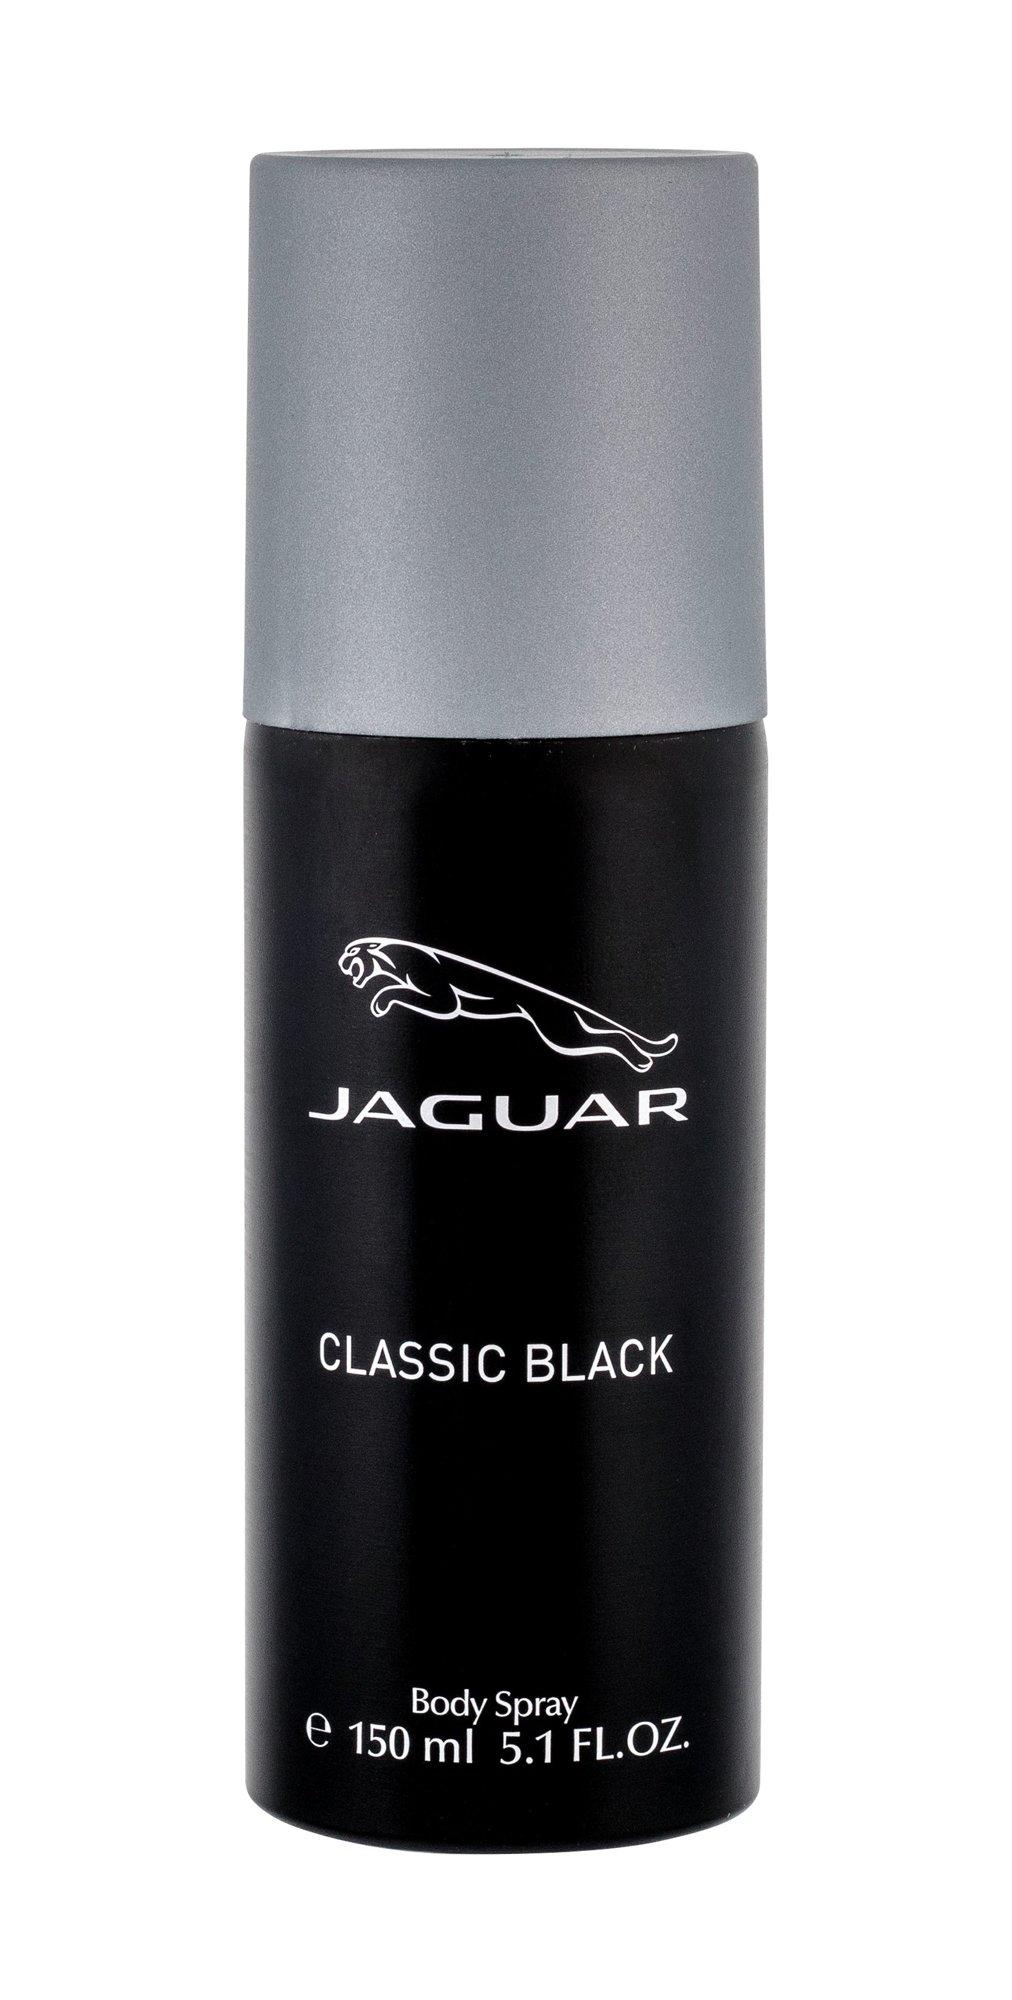 Jaguar Classic Black Deodorant 150ml